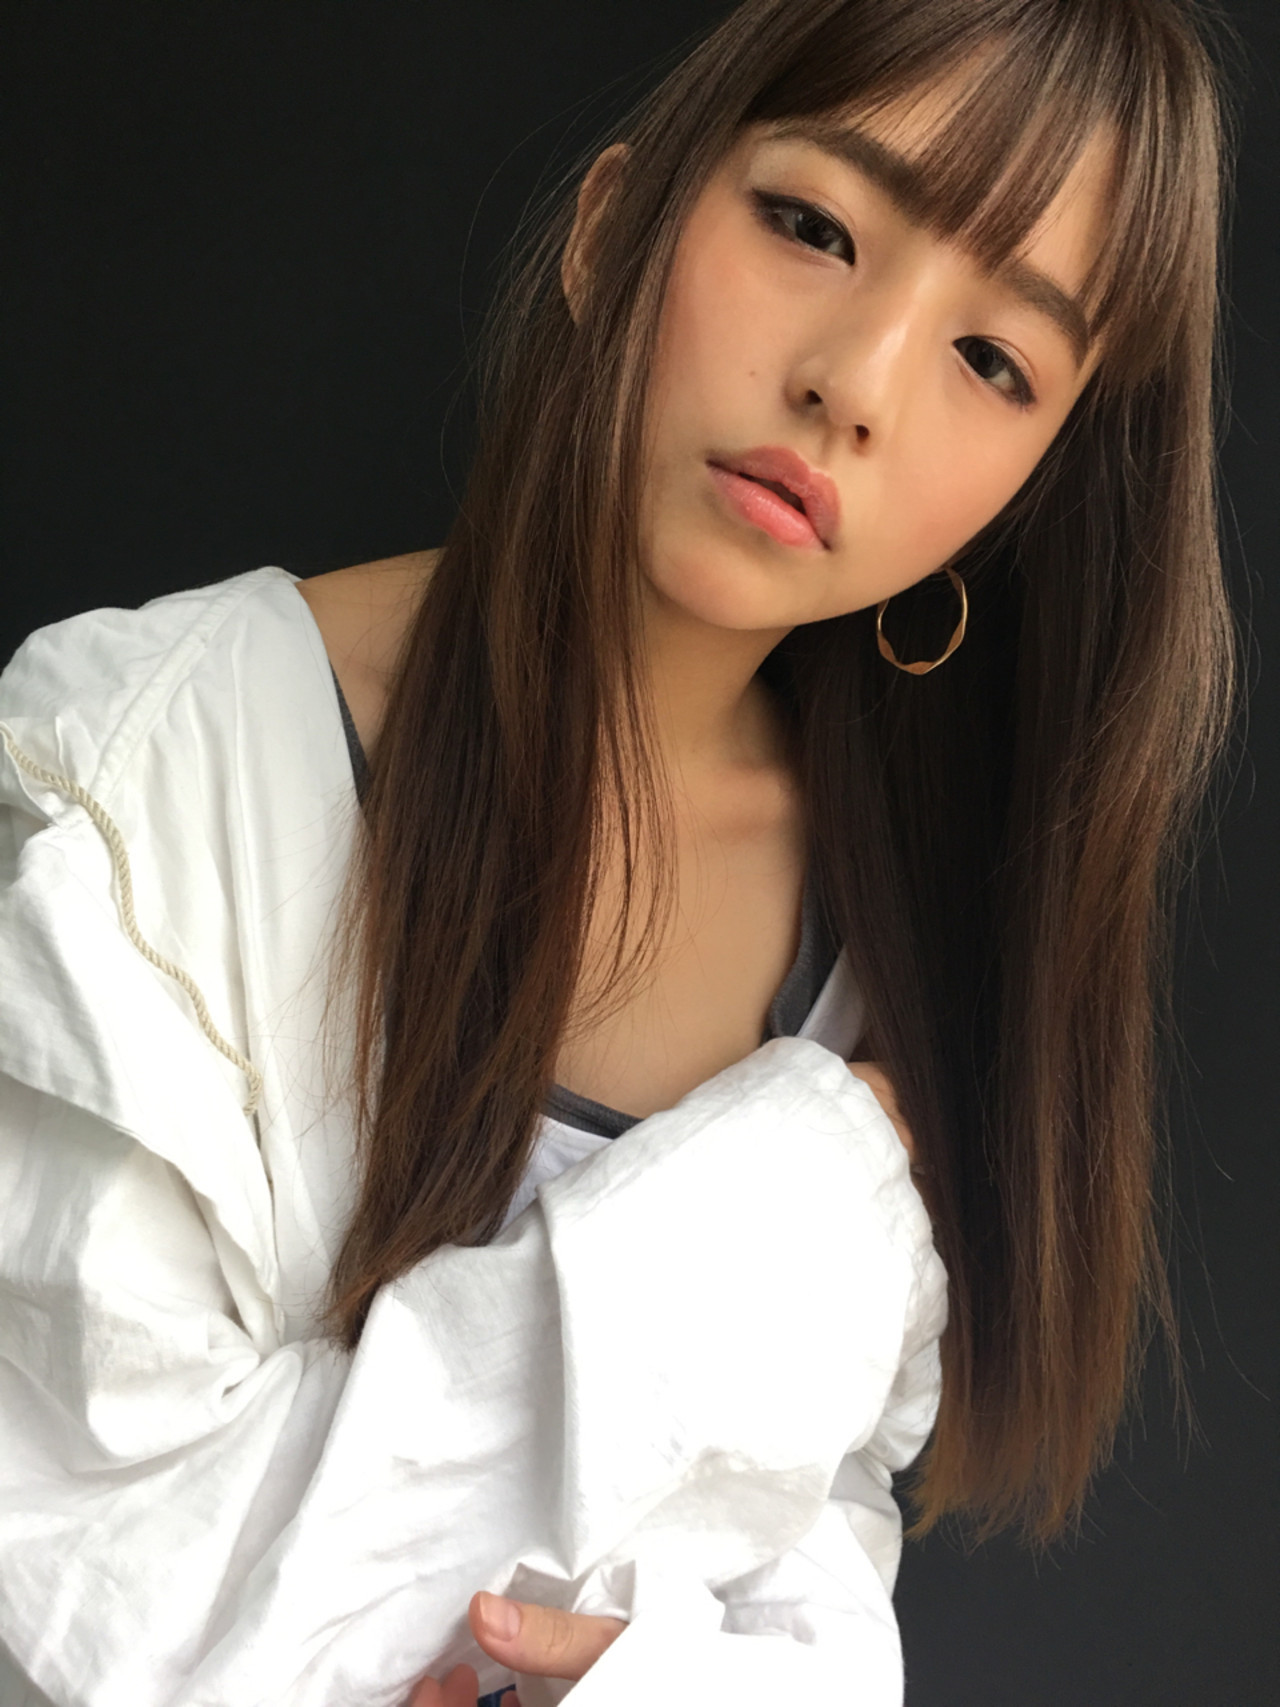 ミルクティー デート 女子会 セミロング ヘアスタイルや髪型の写真・画像